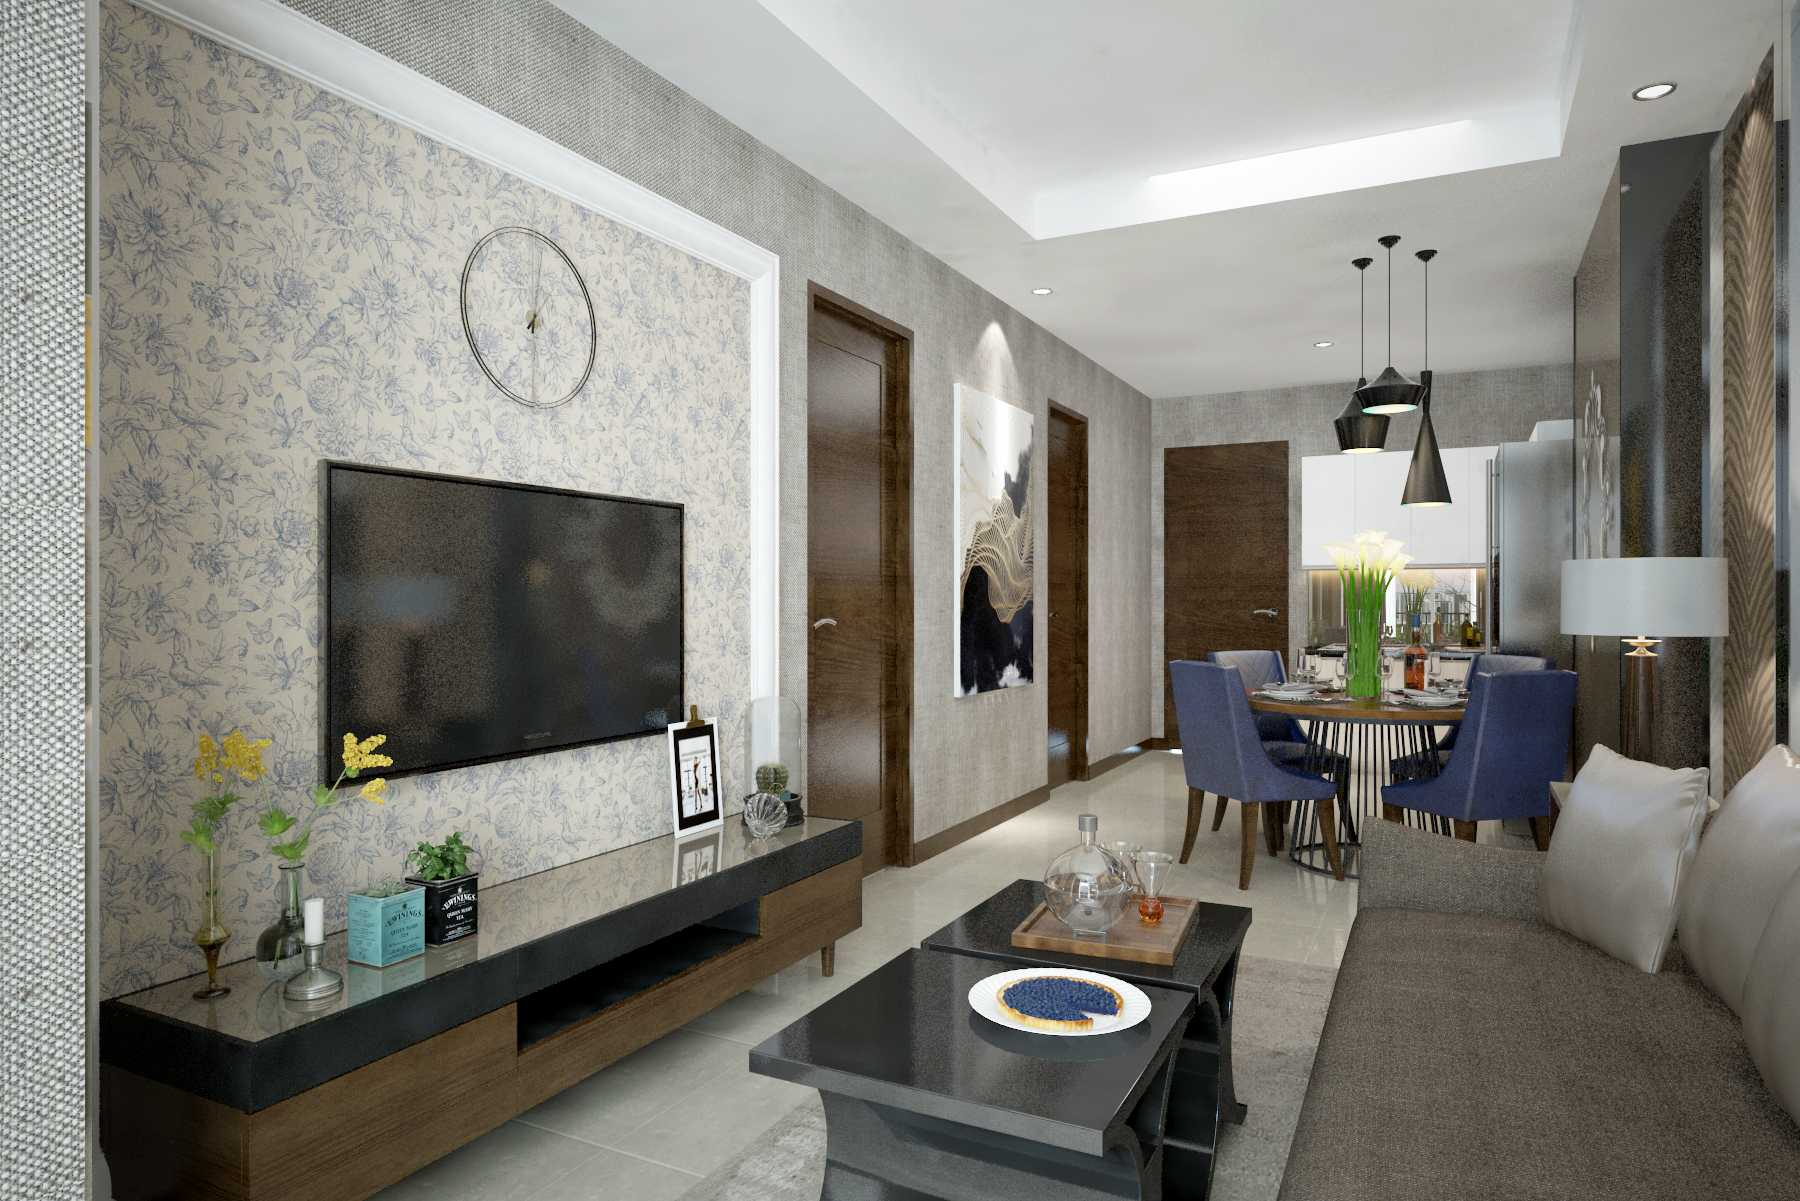 Ambience Design Studio B Residence, Green Bay Pluit Apartment Jalan Pluit Karang Ayu Blok B1 Utara, Rt.20/rw.2, Pluit, Penjaringan, Rt.12/rw.3, Rt.20/rw.2, Pluit, Penjaringan, Kota Jkt Utara, Daerah Khusus Ibukota Jakarta 14450, Indonesia Jalan Pluit Karang Ayu Blok B1 Utara, Rt.20/rw.2, Pluit, Penjaringan, Rt.12/rw.3, Rt.20/rw.2, Pluit, Penjaringan, Kota Jkt Utara, Daerah Khusus Ibukota Jakarta 14450, Indonesia Ambience-Design-Studio-Green-Bay-Pluit-Apartment   56870